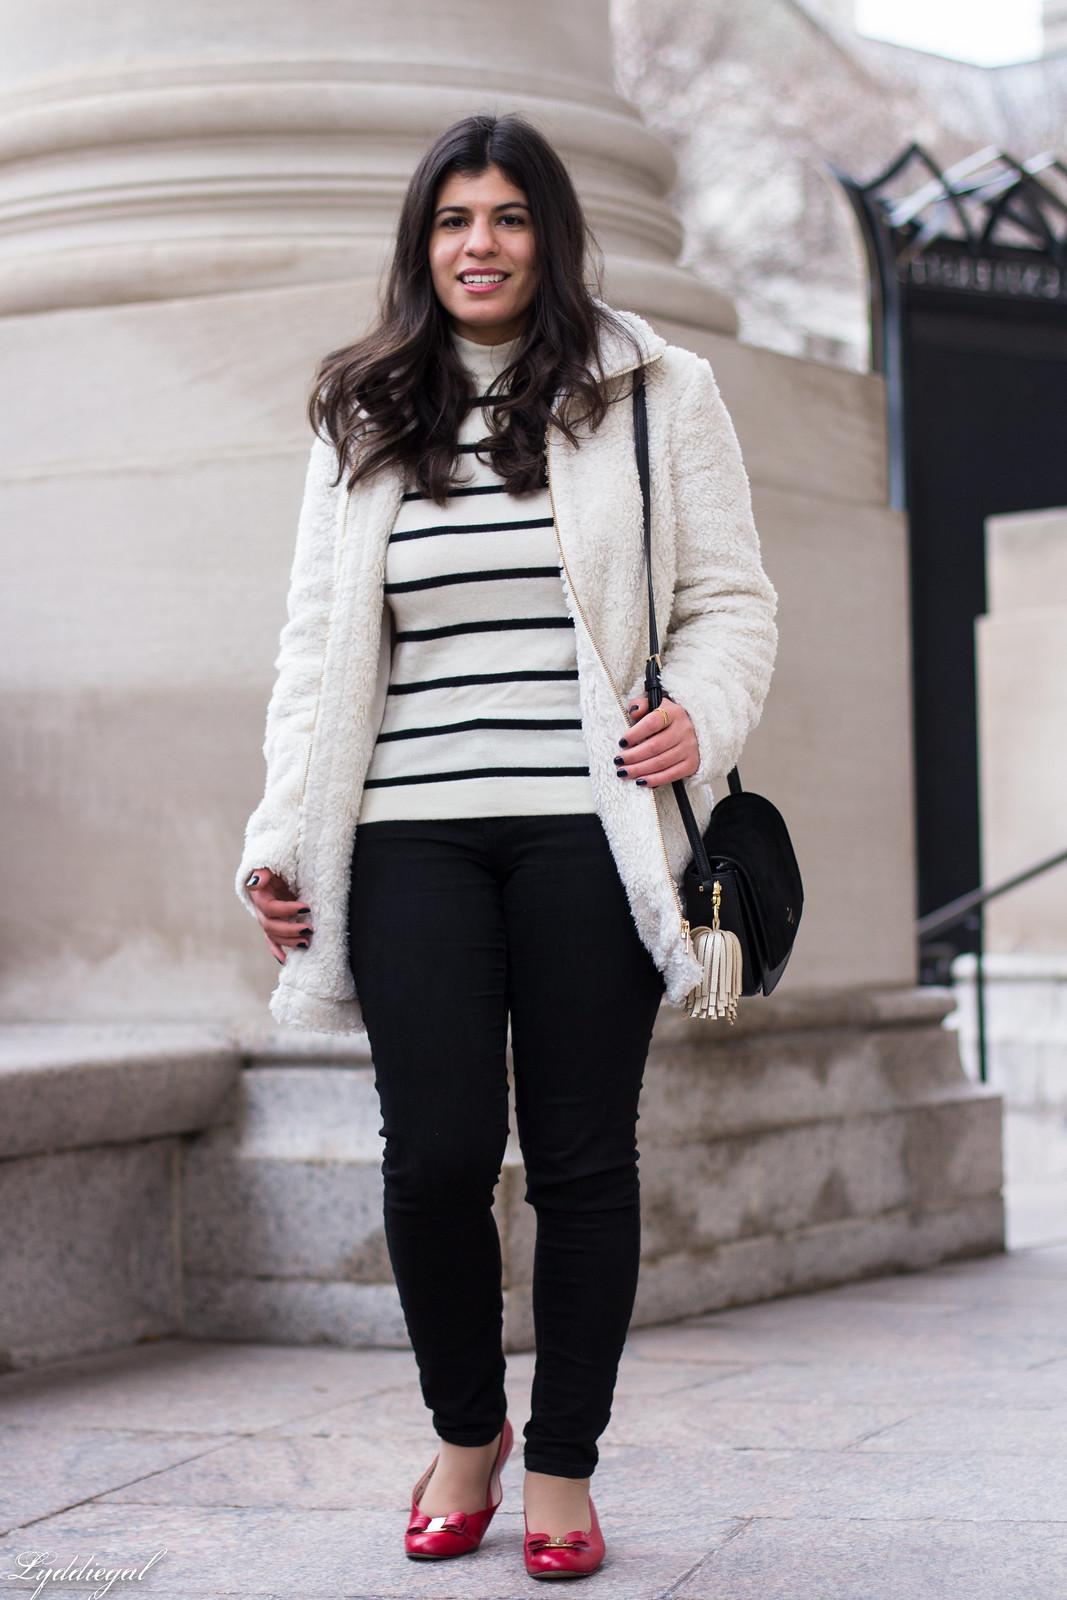 loft teddy bear coat, striped sweater, black jeans, red ferragamo flats-22.jpg